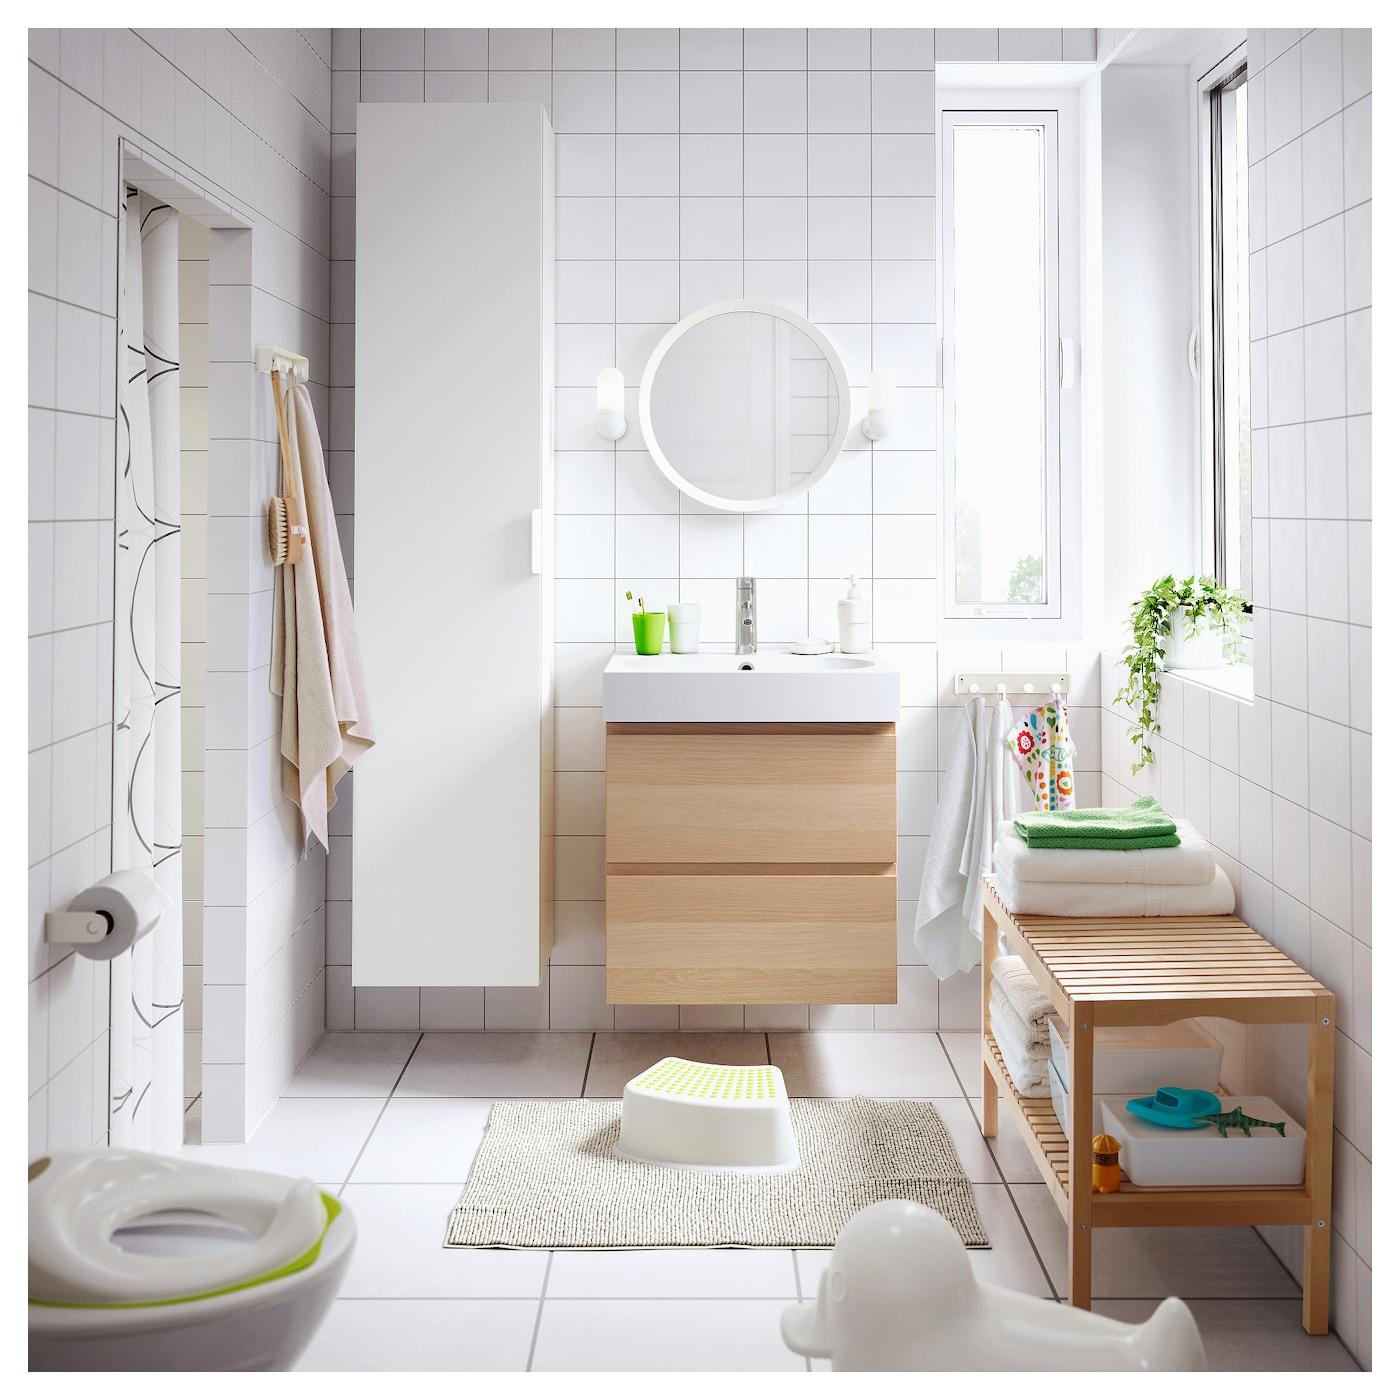 LANGESUND Mirror White 50 cm - IKEA